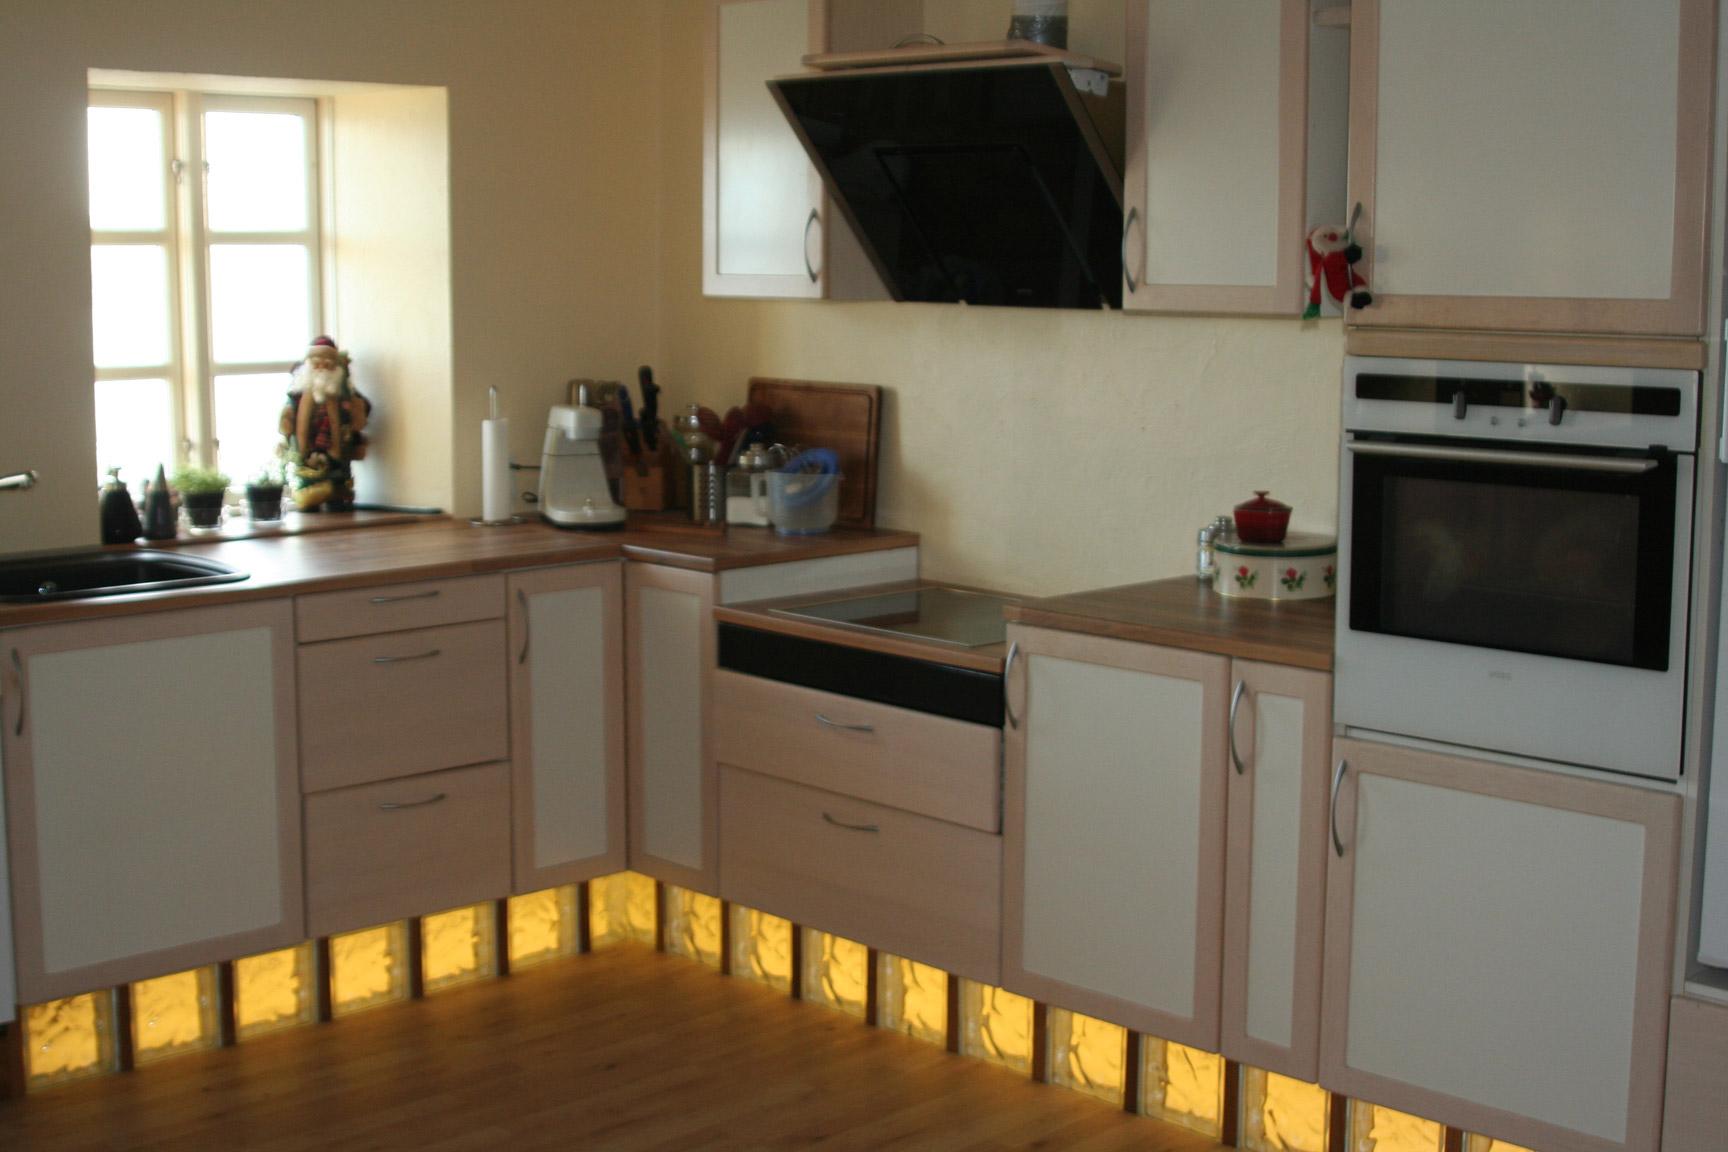 Opsætning af køkkensokkel i glasbyggesten – med ledbÃ¥nd lys ...